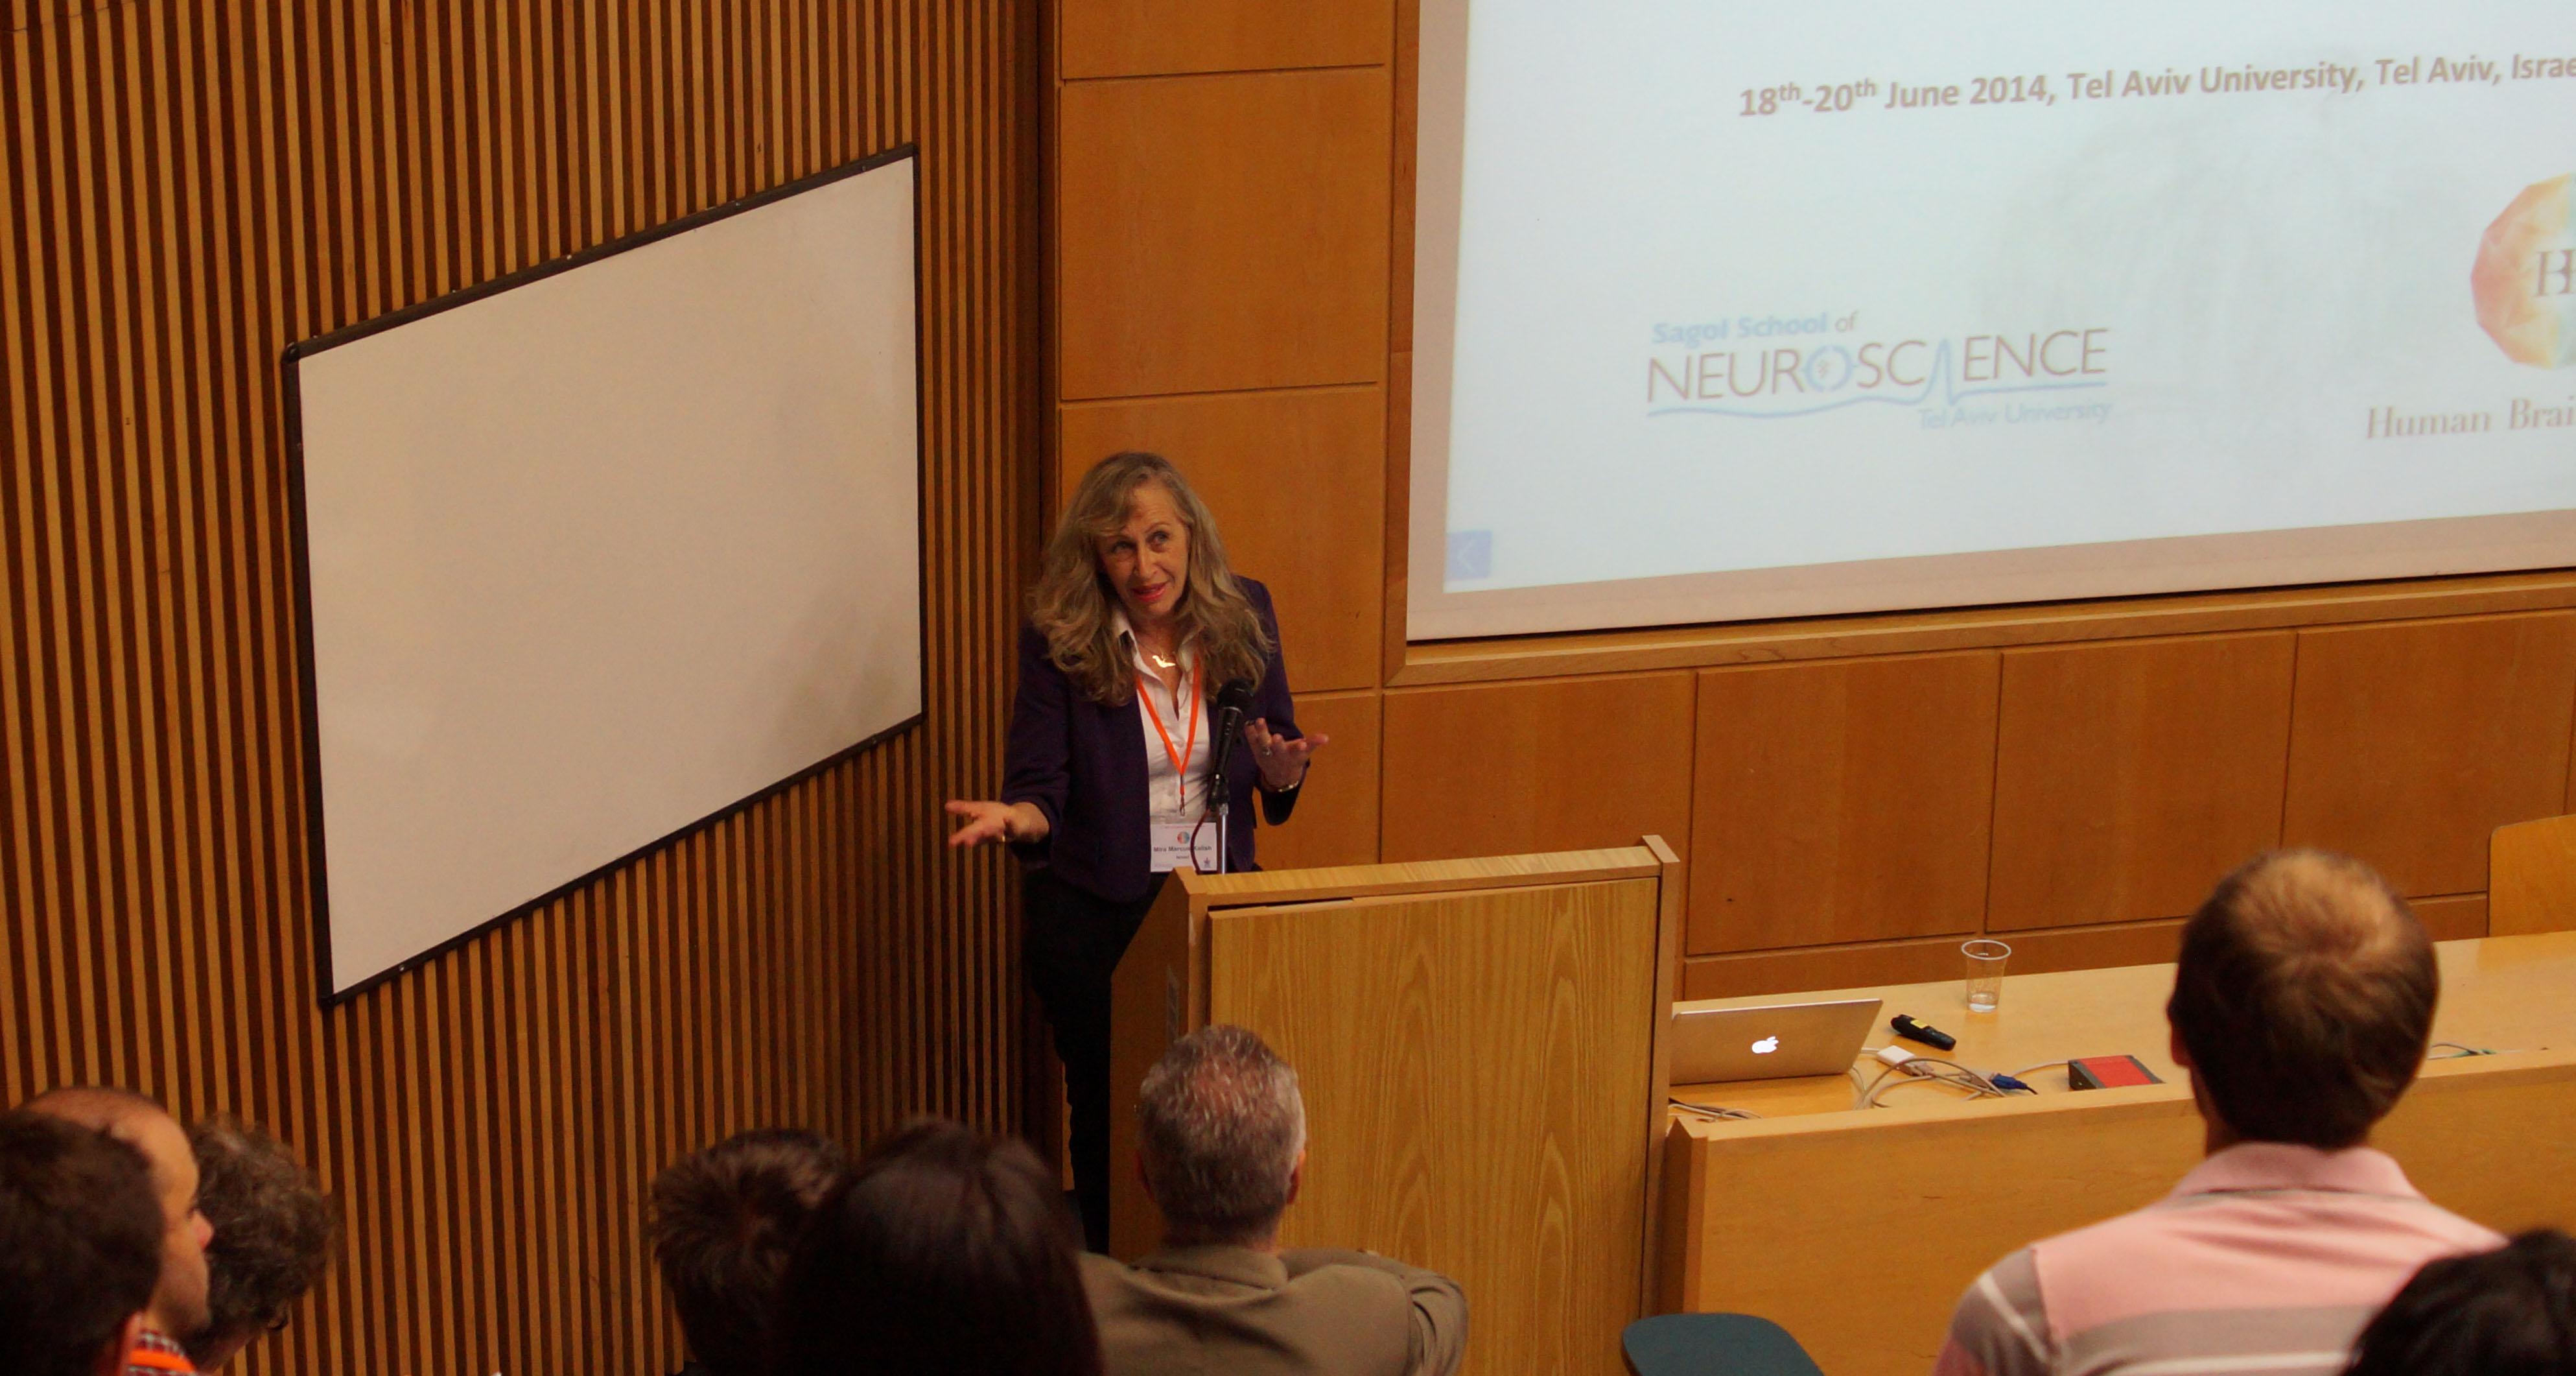 Opening session Prof. Marcus-Kalish -